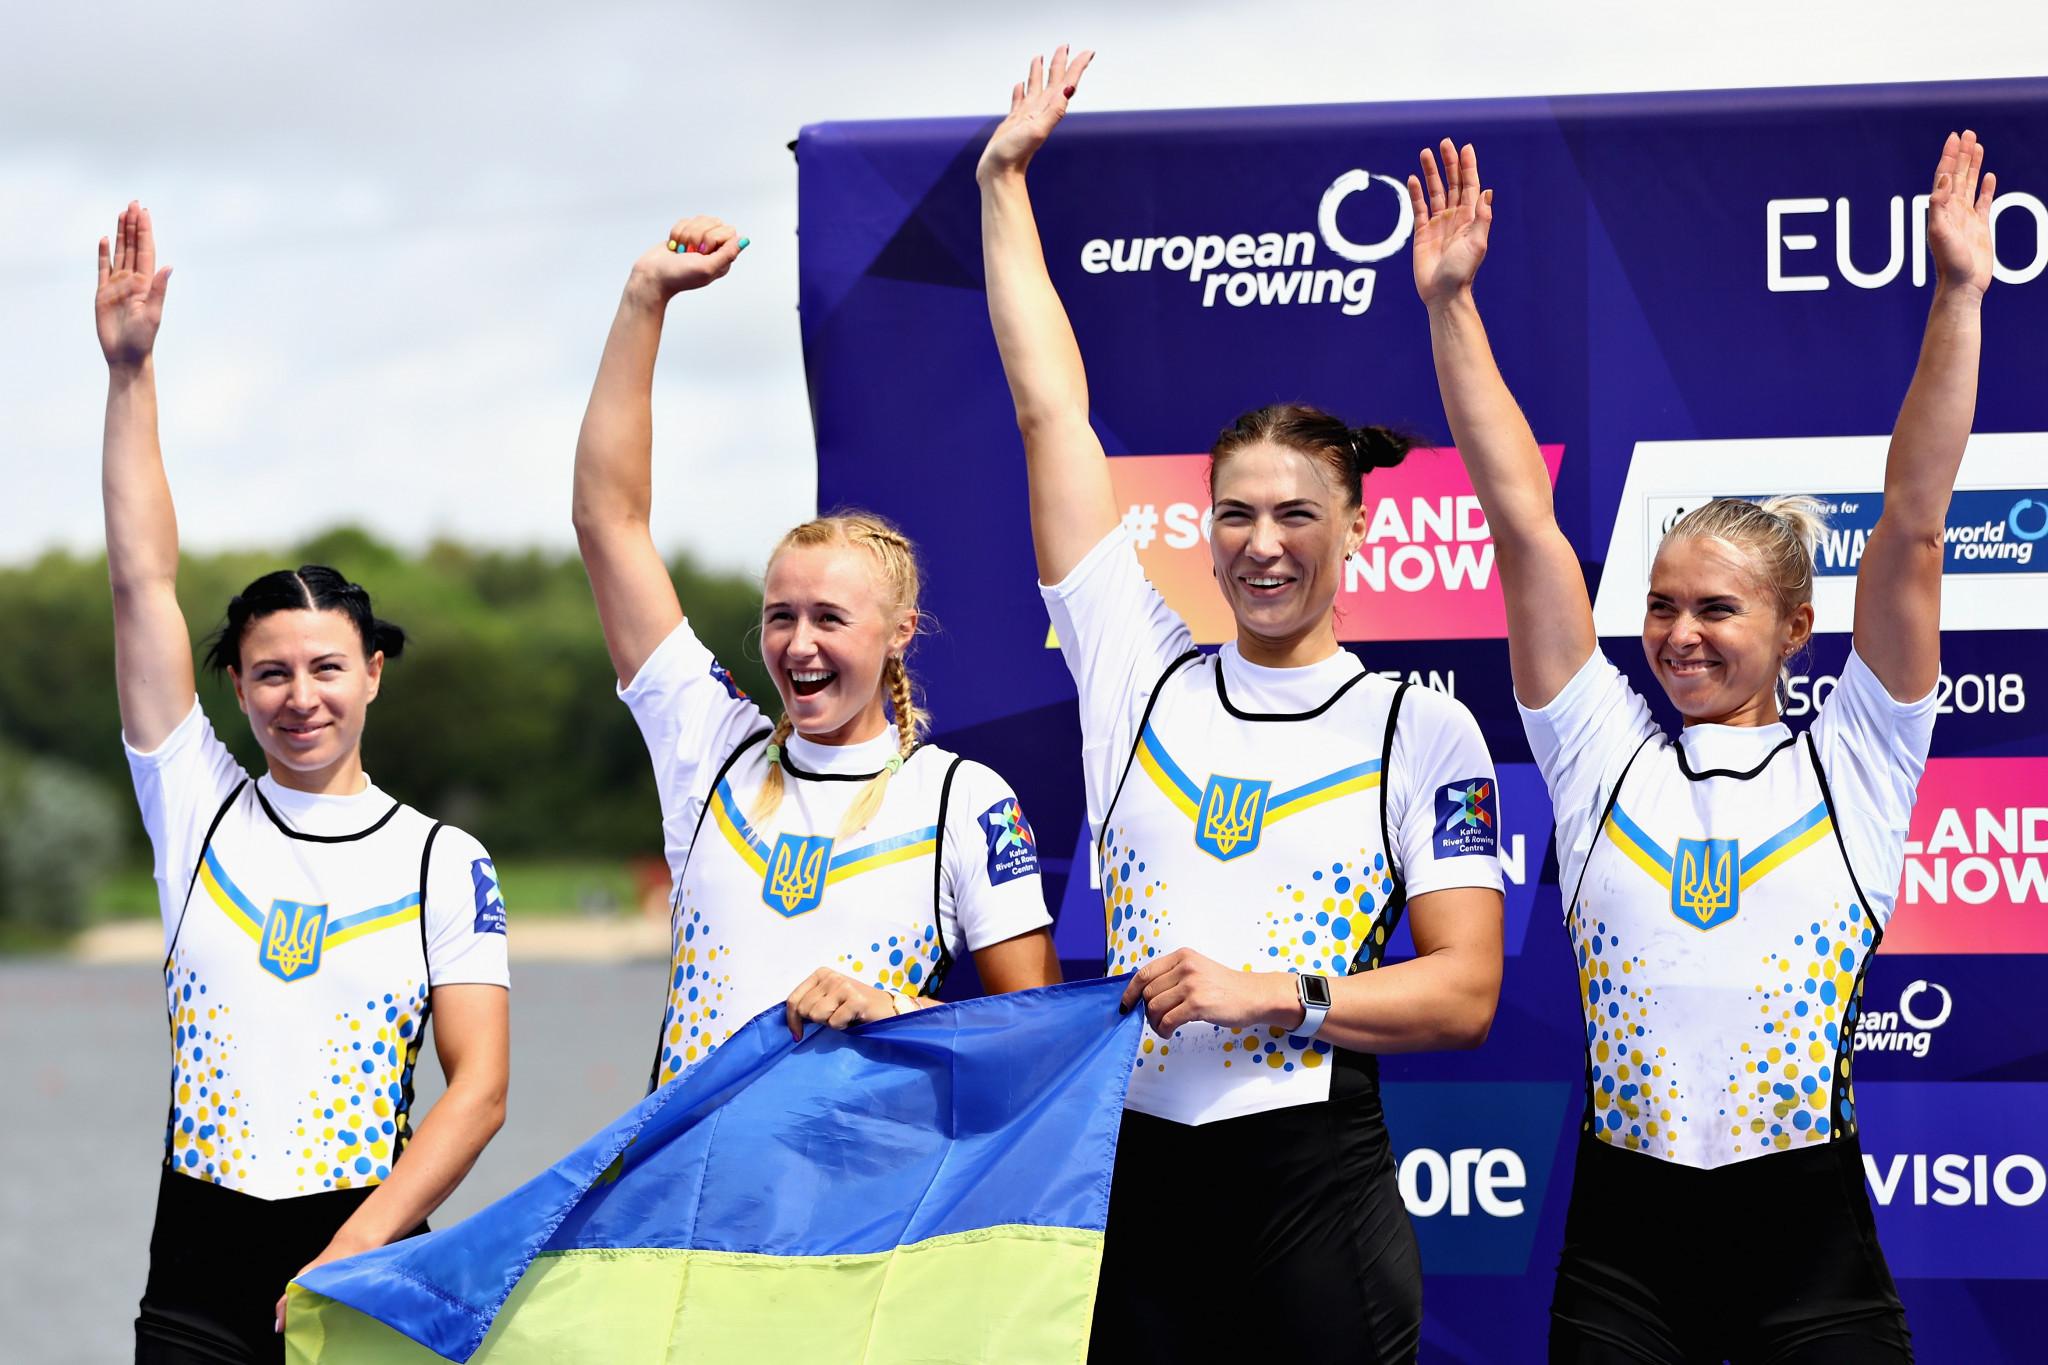 Buryak to defend women's title at World Rowing Indoor Championships in Paris